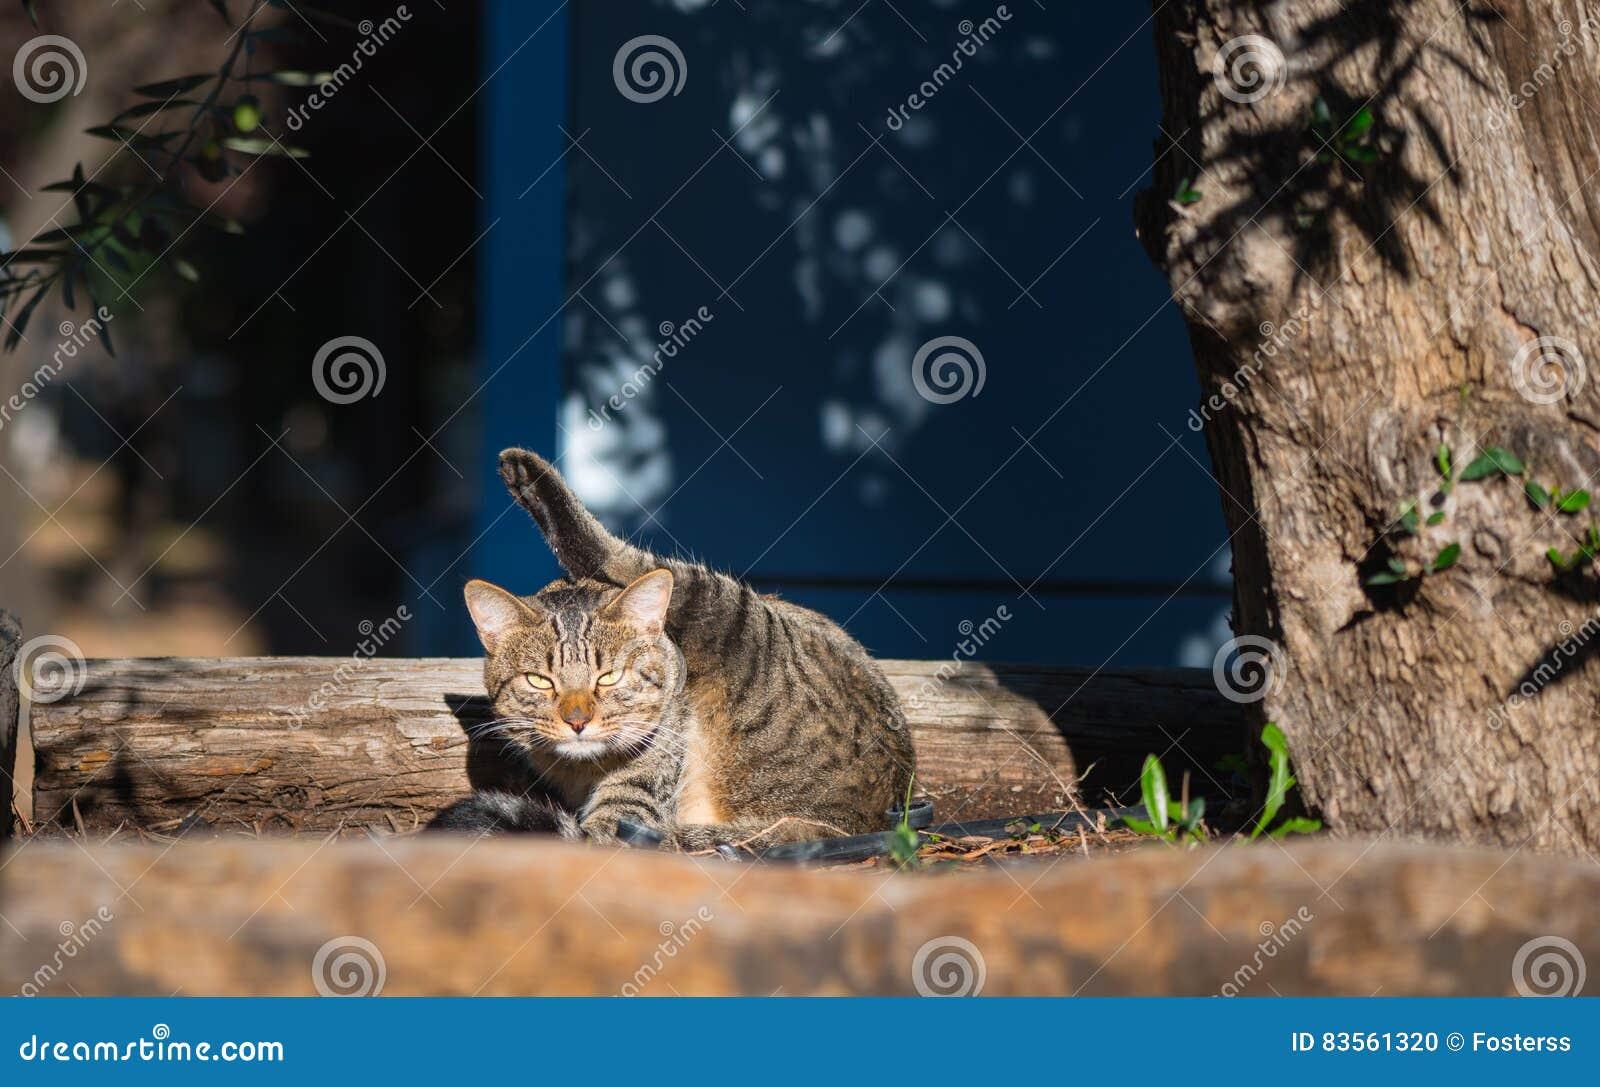 The extraordinary ninja cat